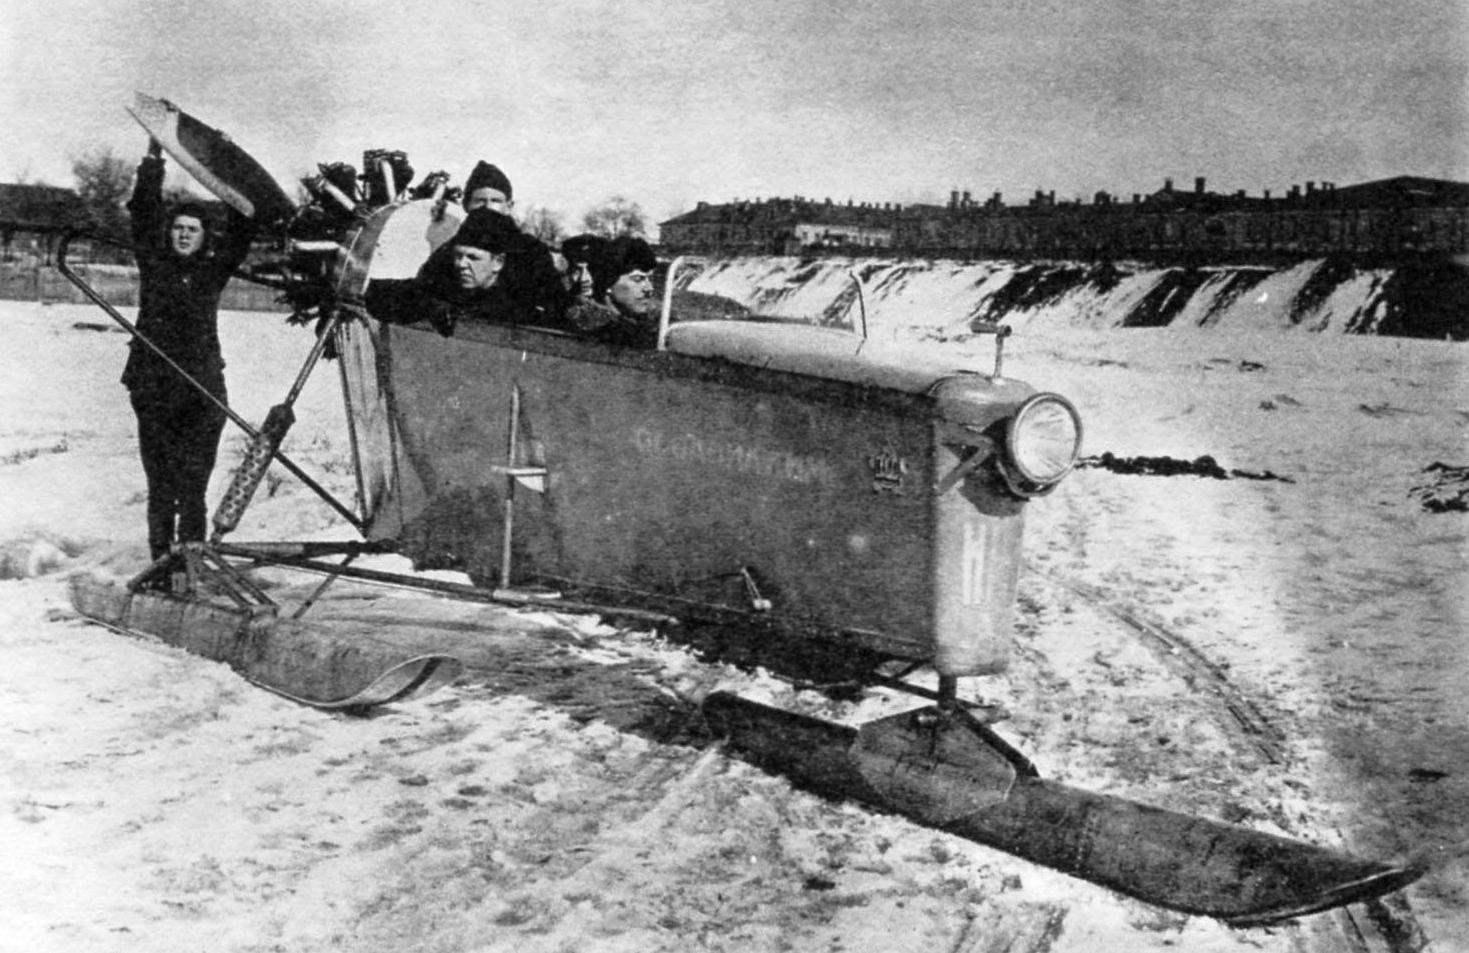 Аэросани НРБ-V участвовали в аэросанном пробеге в 1927 г.